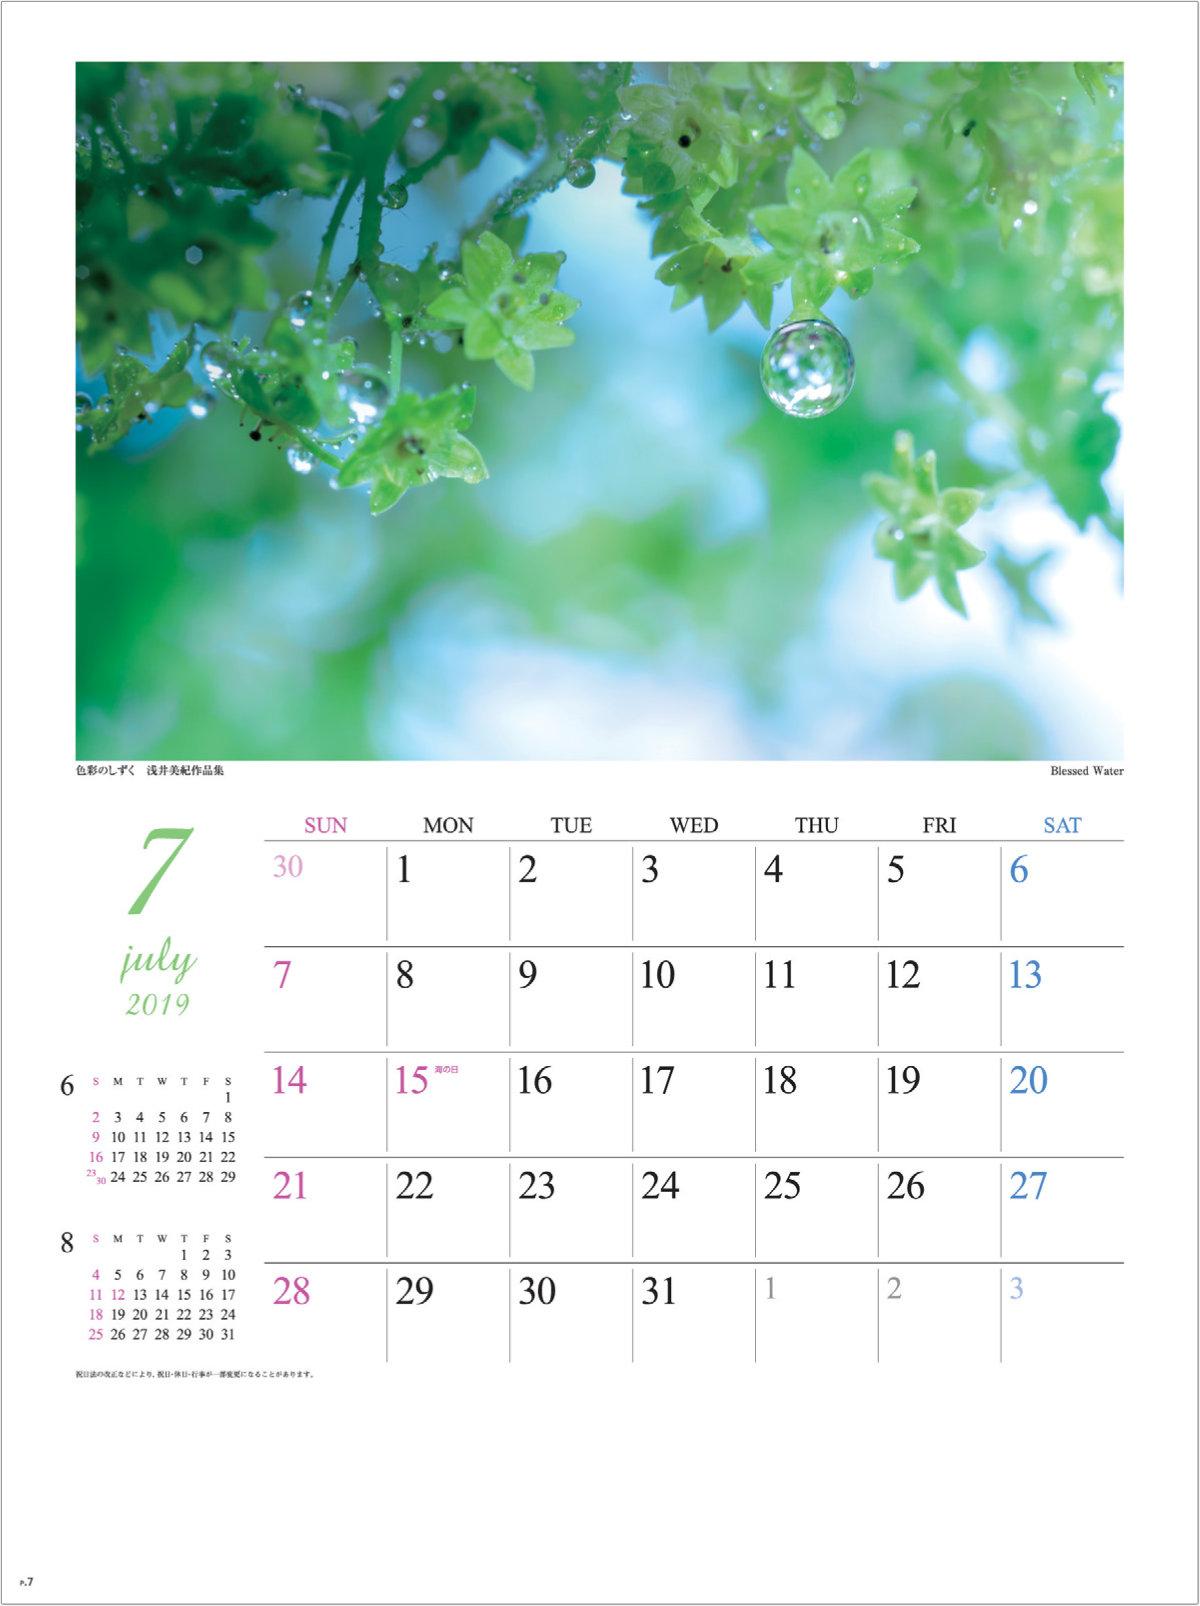 画像:浅井美紀 写真作品「Blessed Water」 色彩のしずく・浅井美紀作品集 2019年カレンダー